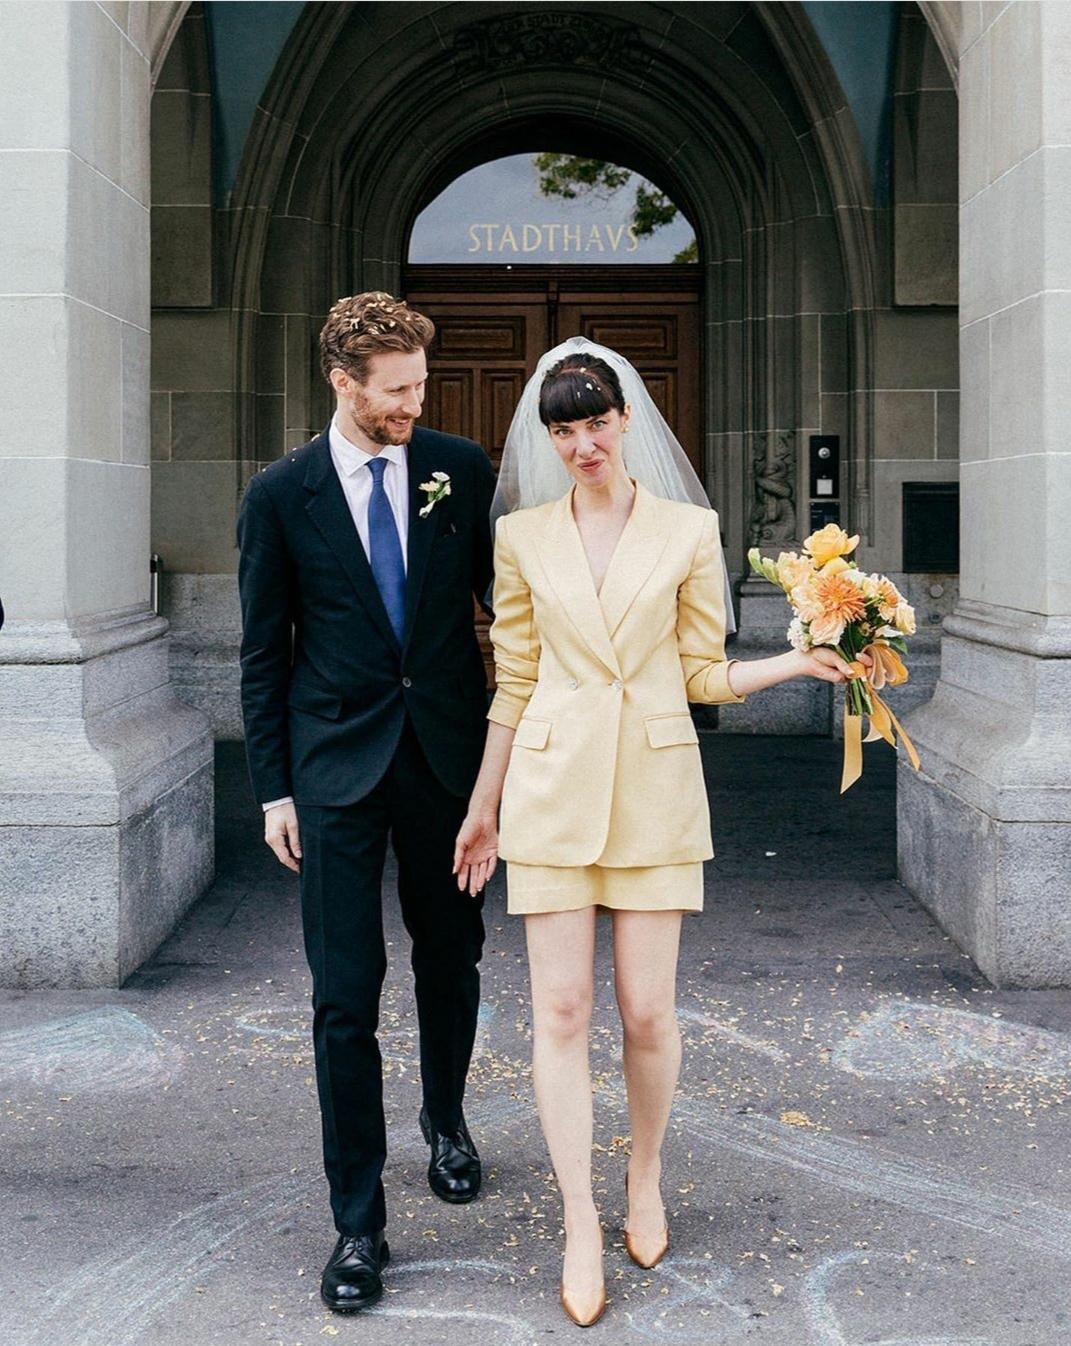 Amy eligió un traje de chaqueta mini en color amarillo con velo y salones a juego como Audrey, pero le dio un toque sesentero con el velo y esa chaqueta que inmortalizó Bianca Jagger. Foto: @amy_merrick.